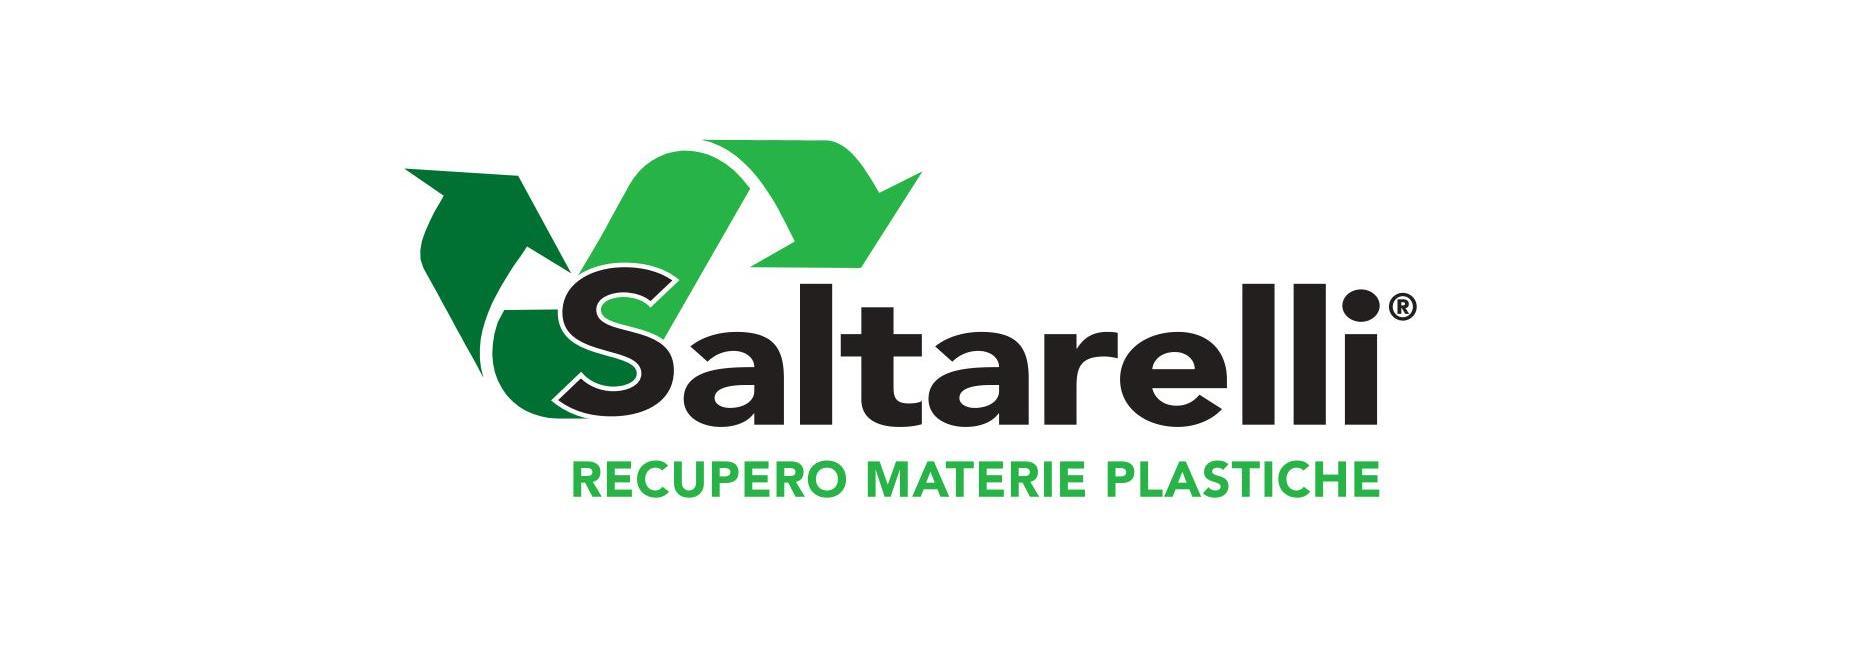 Materie Plastiche Saltarelli